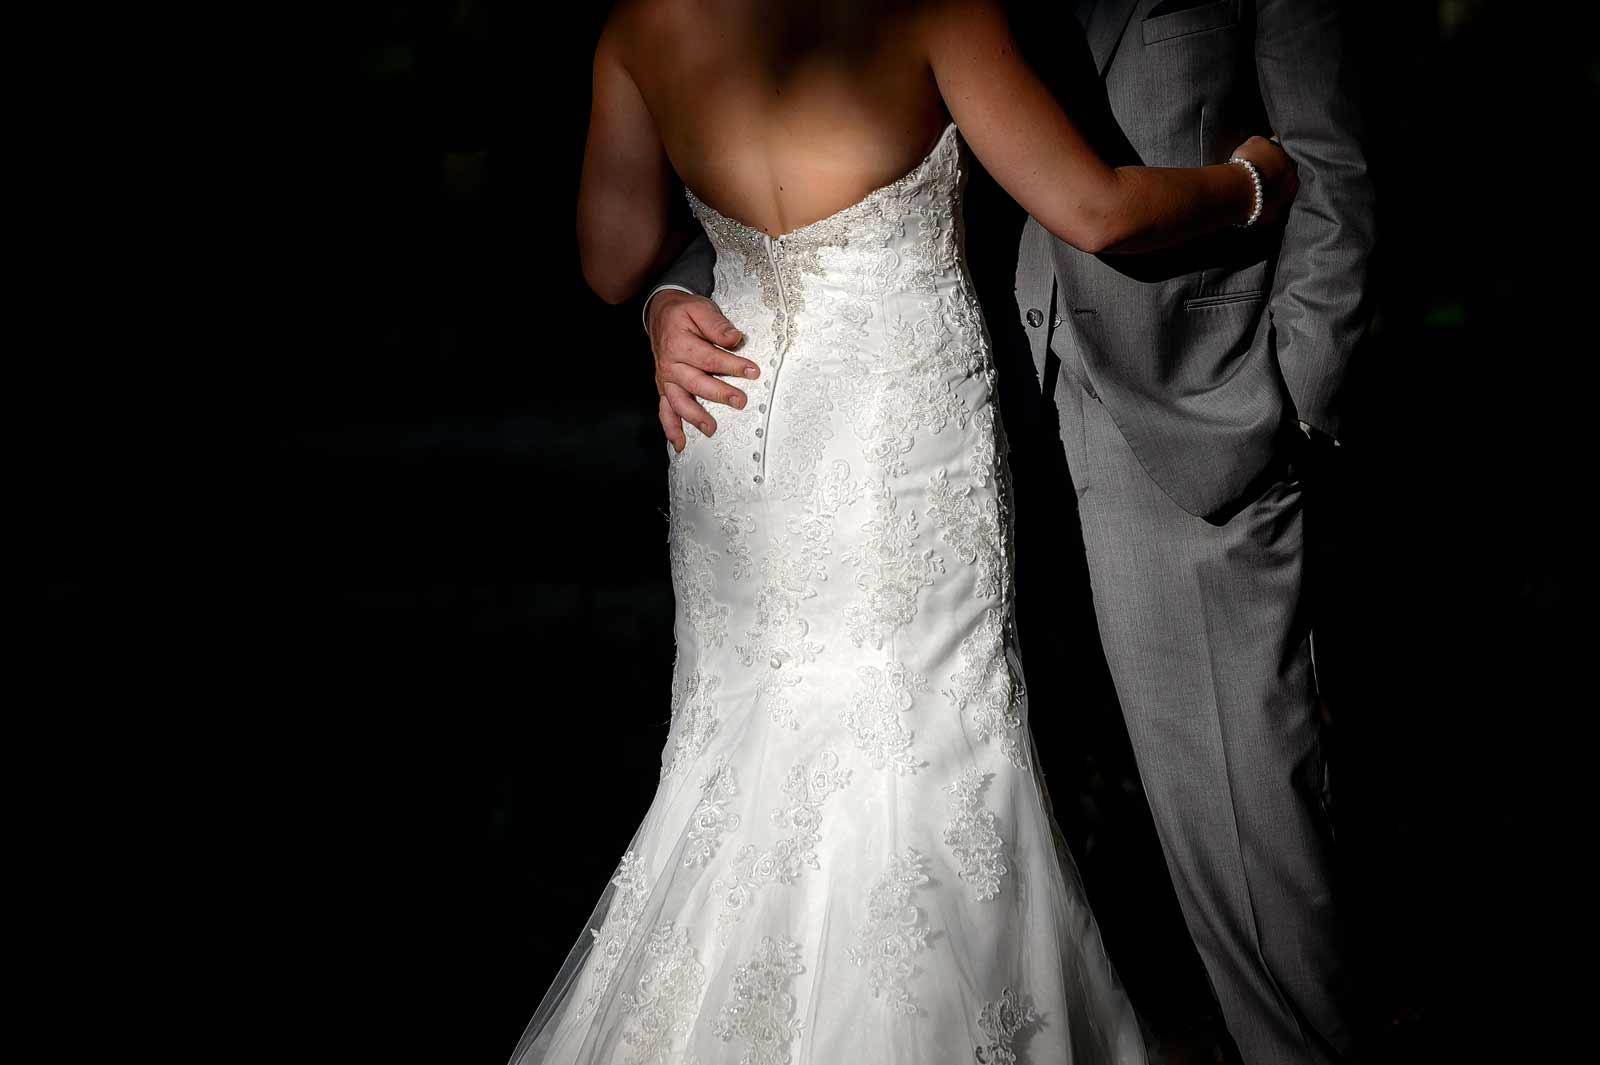 kristychris-wedding-sneakpeek-07